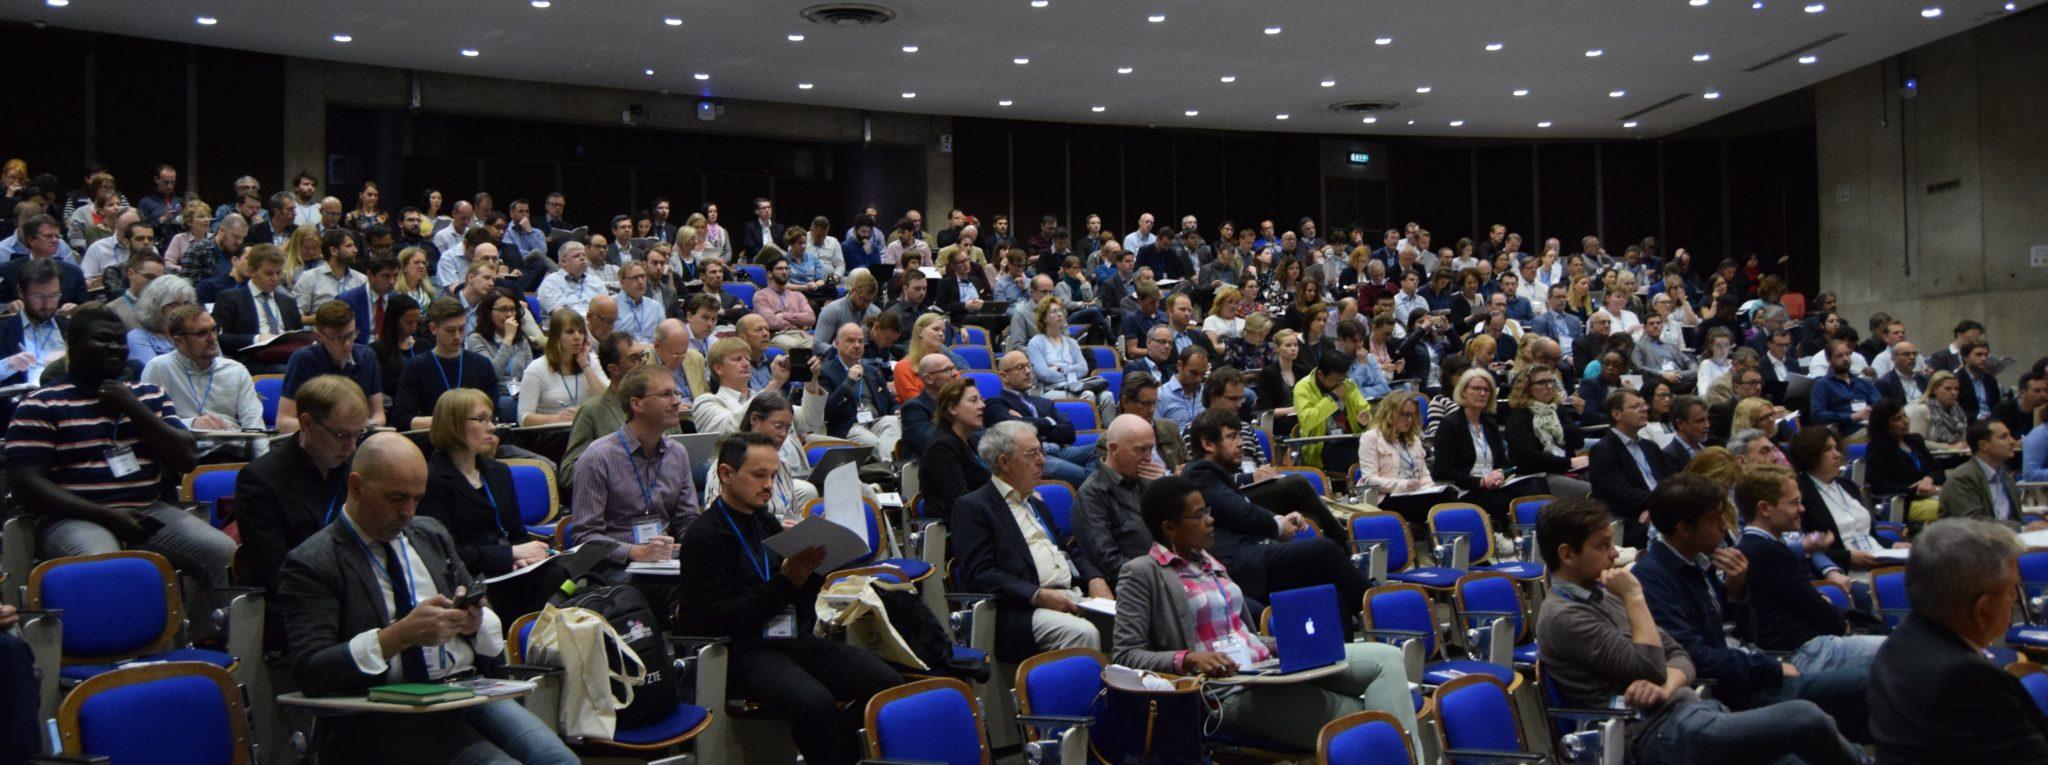 conferences events regional studies